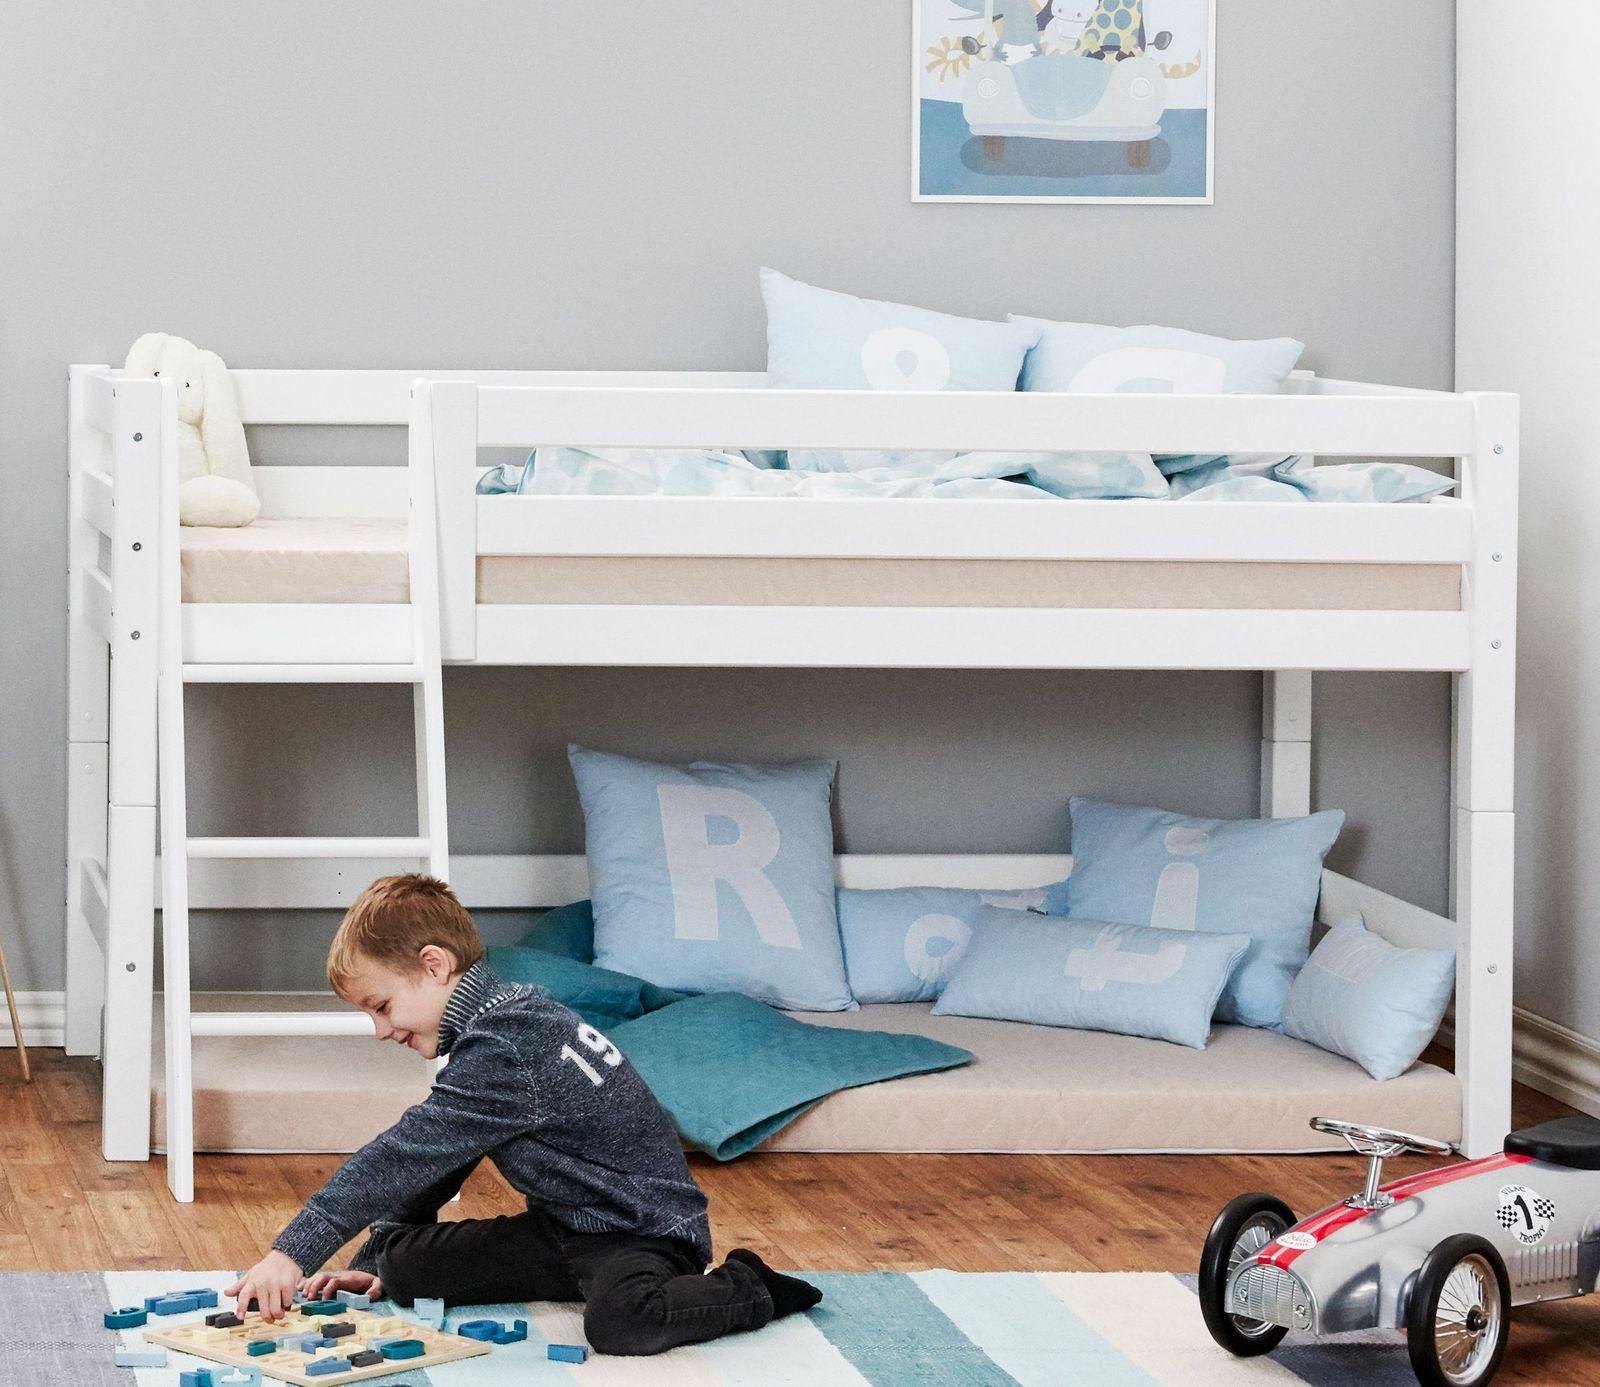 Full Size of Halbhohes Hochbett Halbhochbett Kiefer Wei Mit Lebenslanger Garantie Kids Royalty Bett Wohnzimmer Halbhohes Hochbett